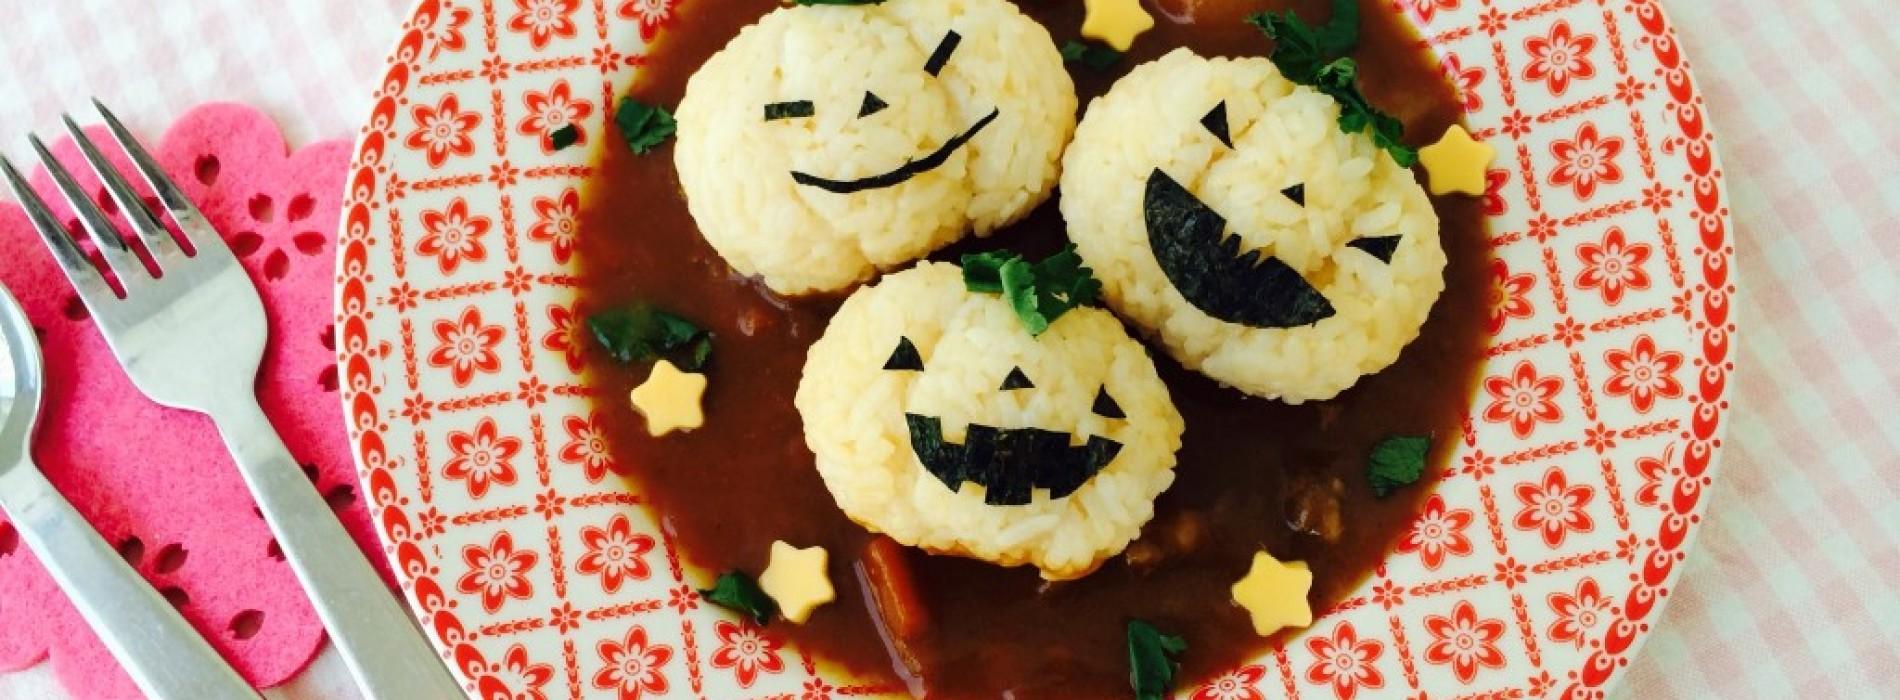 Happy Cook: 搞鬼美味‧南瓜飯團